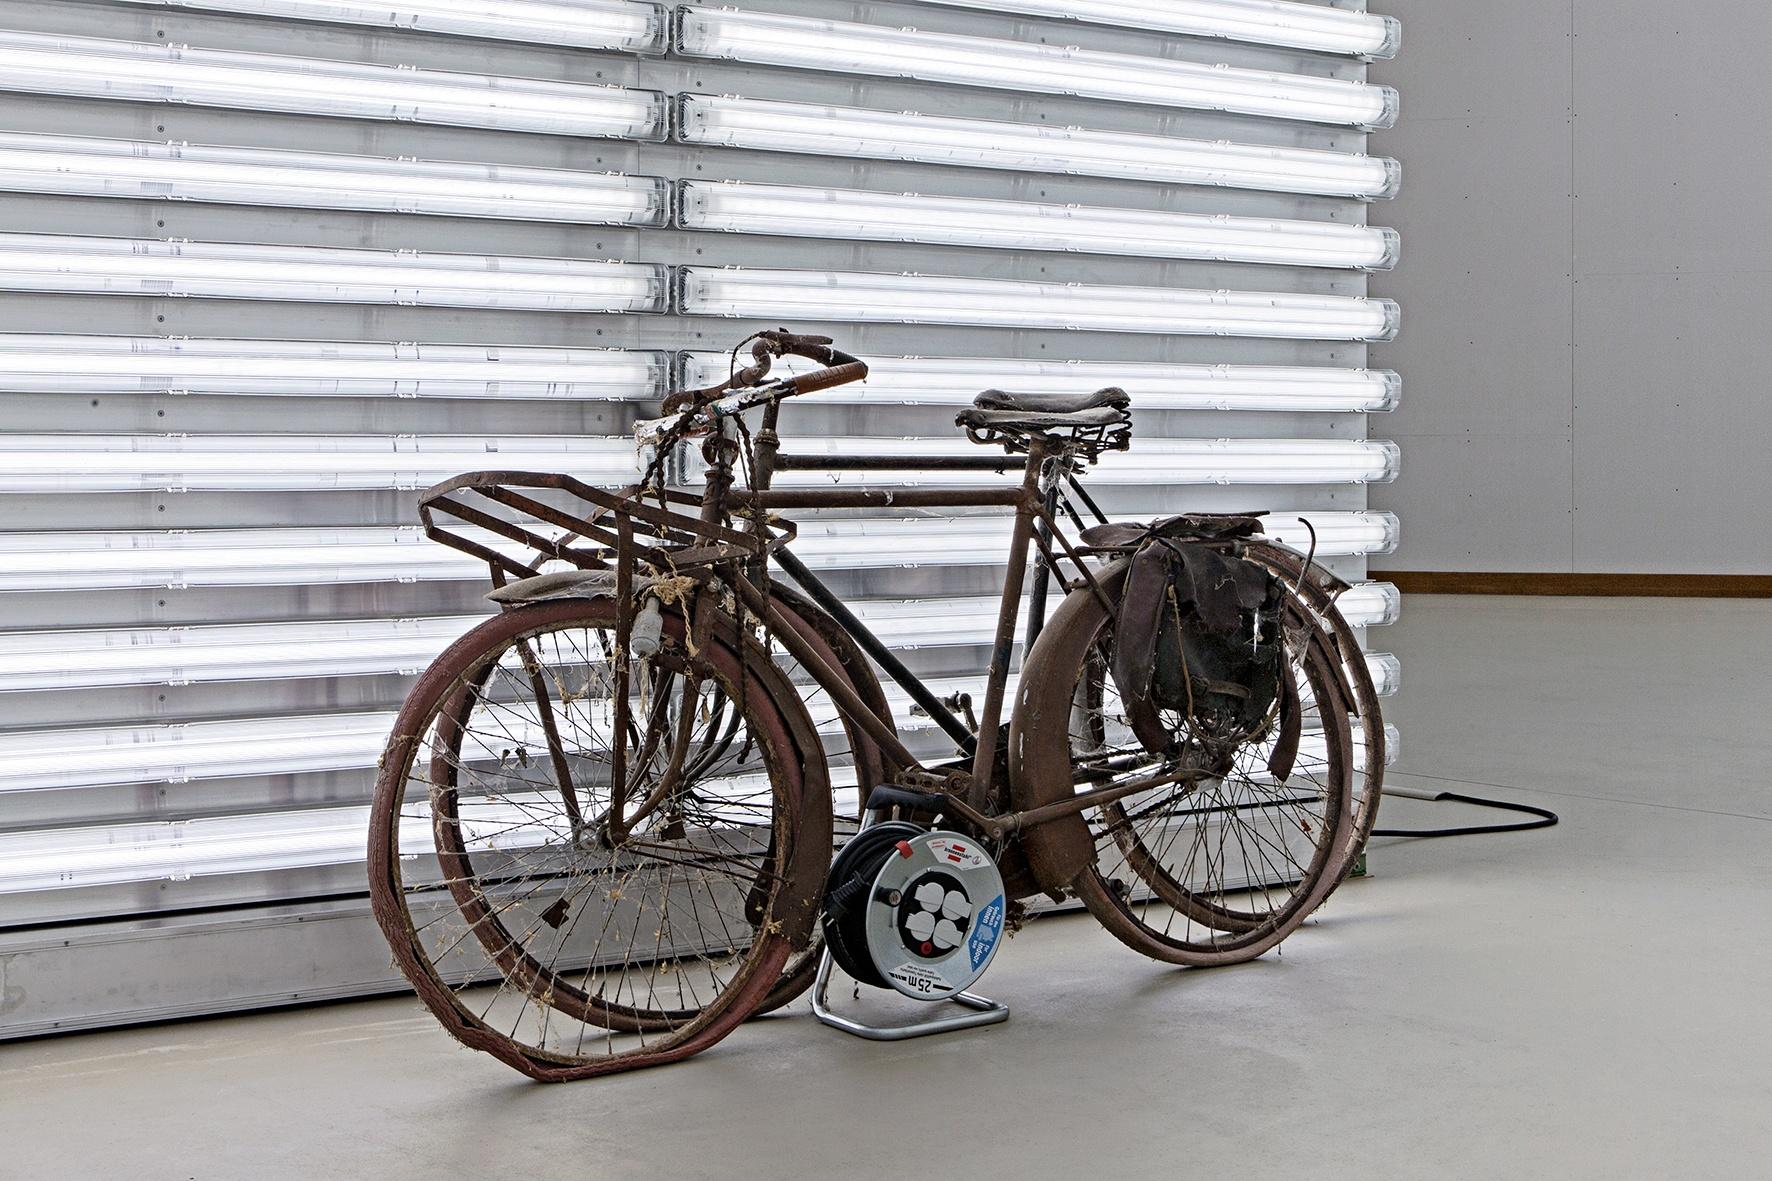 """Ohne Titel (MILCH) – 1:1 Modell des ausjurierten Beitrags zu """"Kunst am Bau – Eingeladener Wettbewerb"""" für die Volkswagen Universitätsbibliothek der Technischen Universität und der Universität der Künste Berlin 2004, [2014] 1979"""